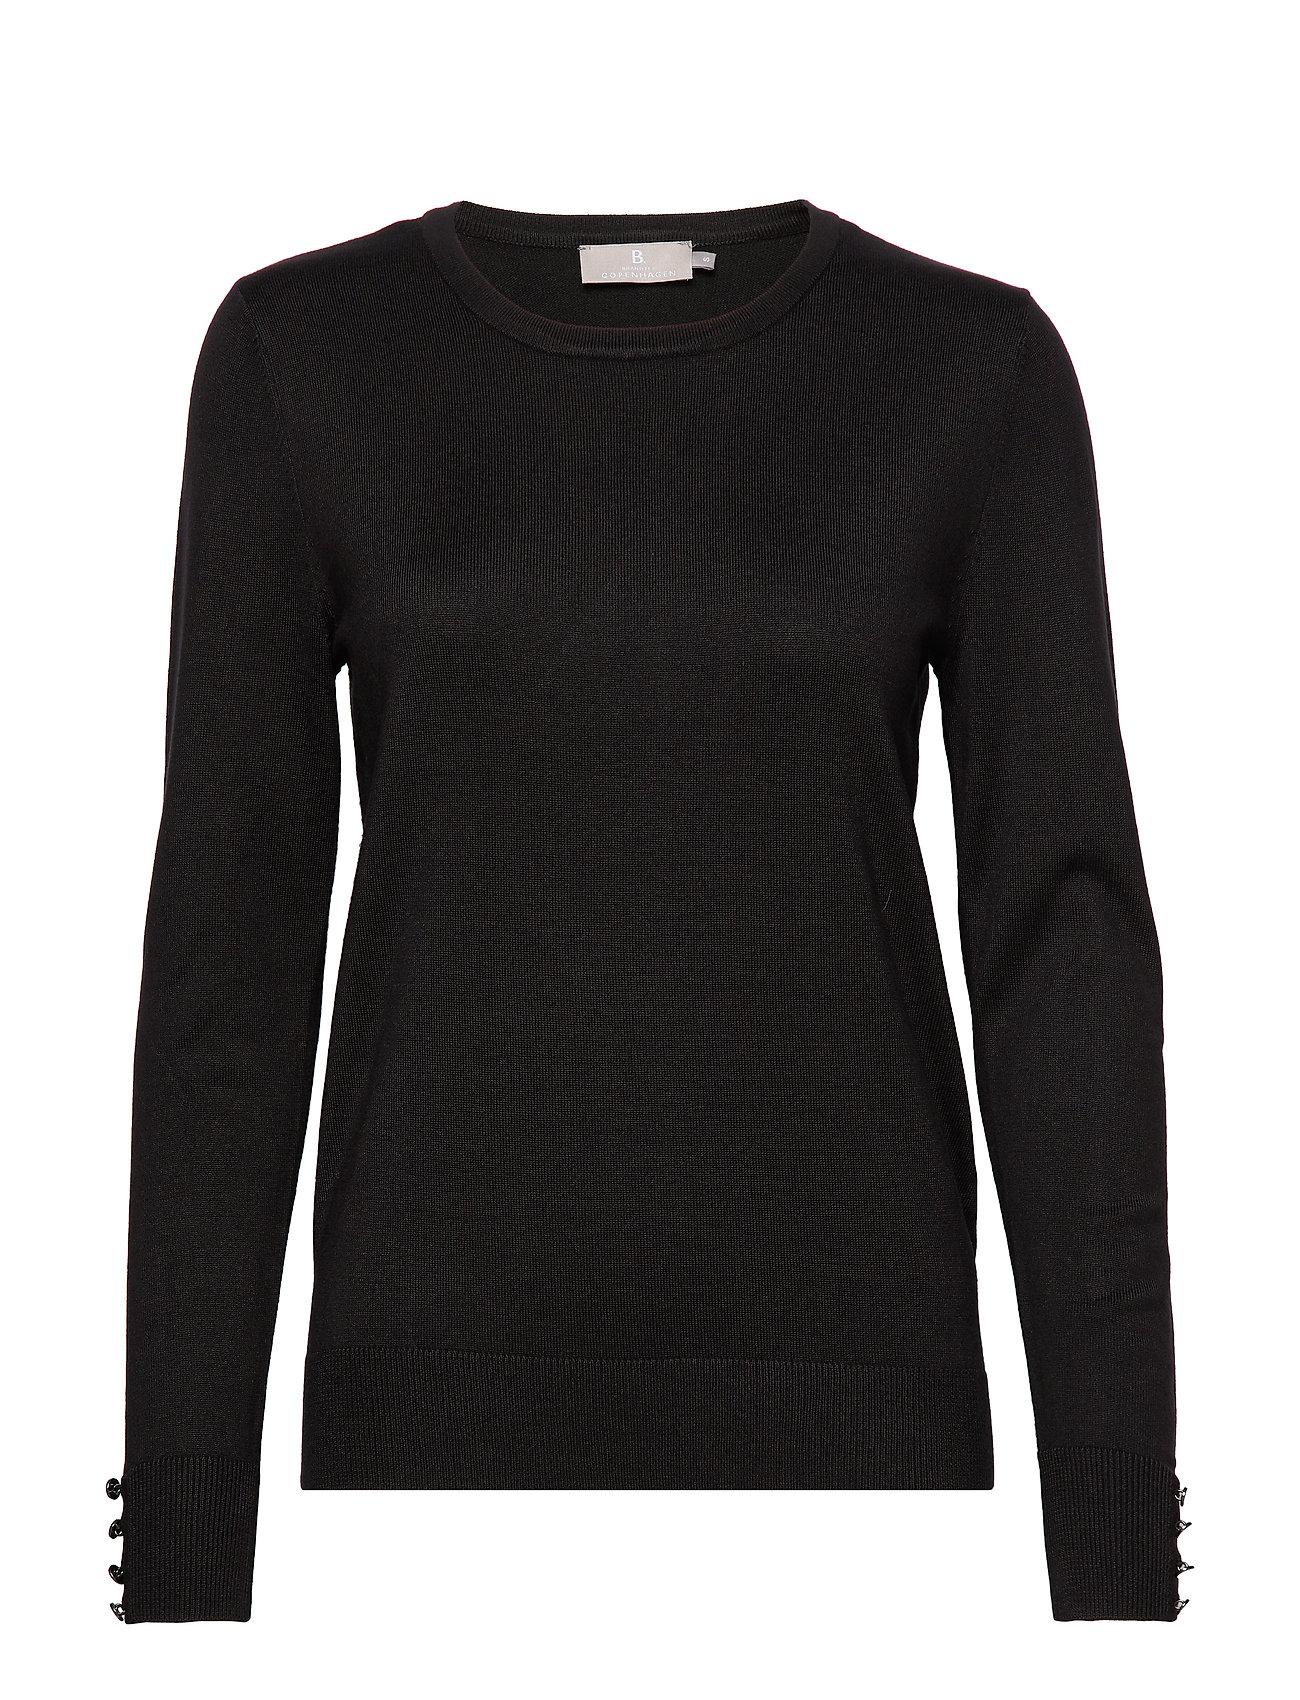 Brandtex Pullover-knit Light - BLACK